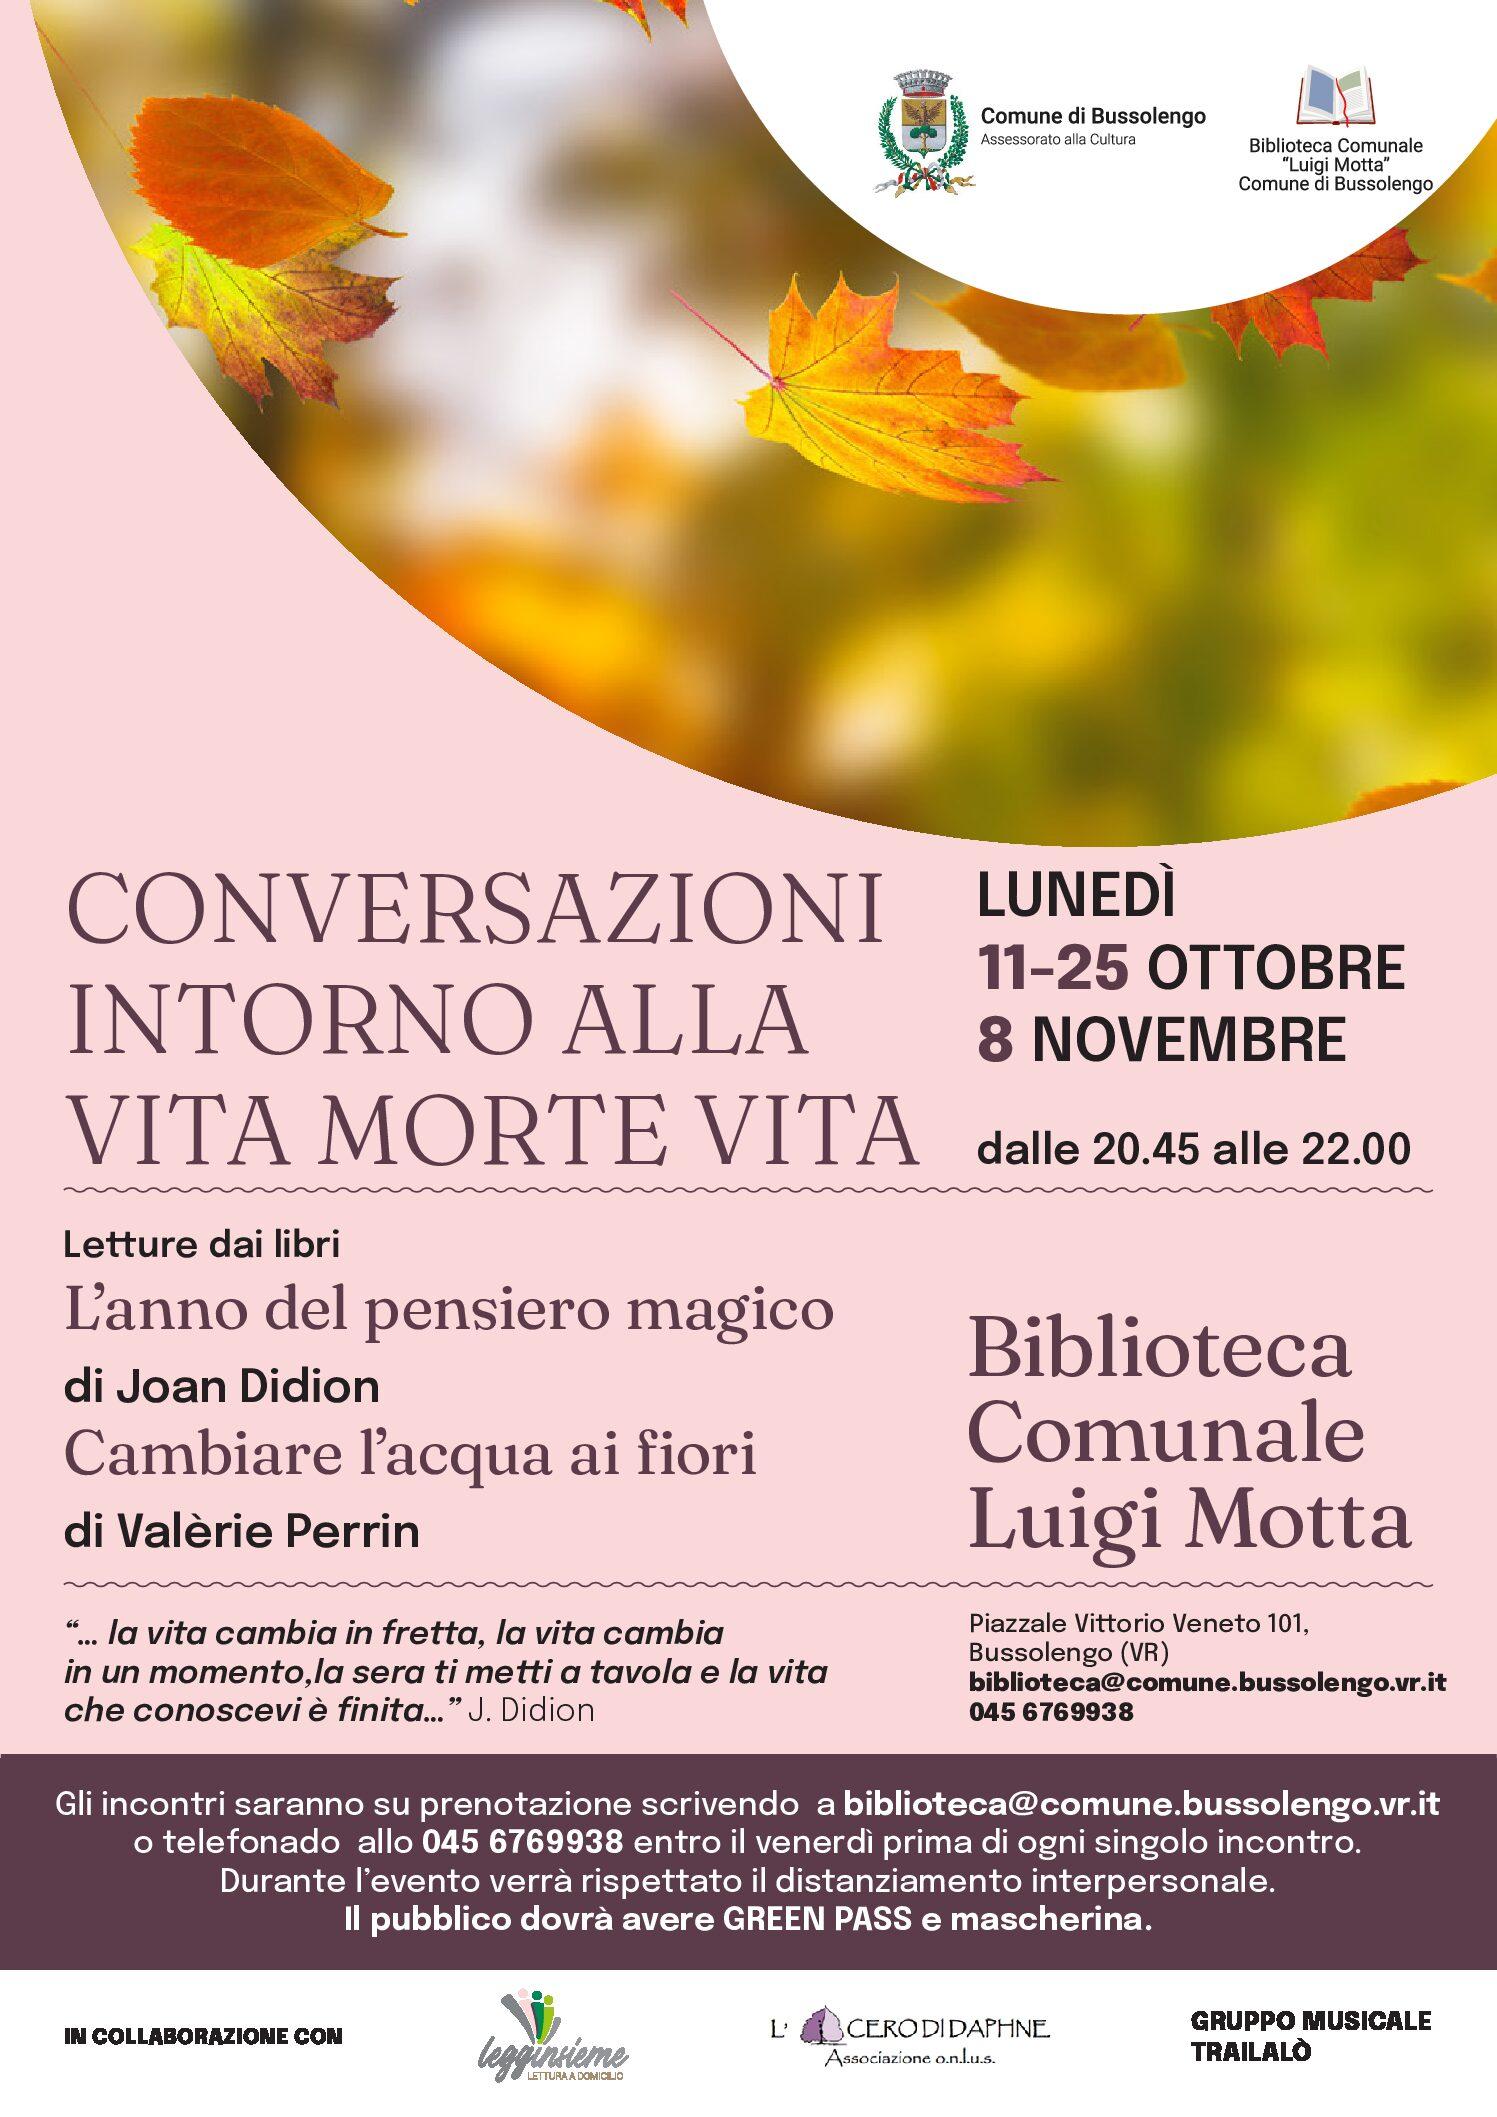 Conversazioni intorno alla vita morte vita a Bussolengo (Verona)